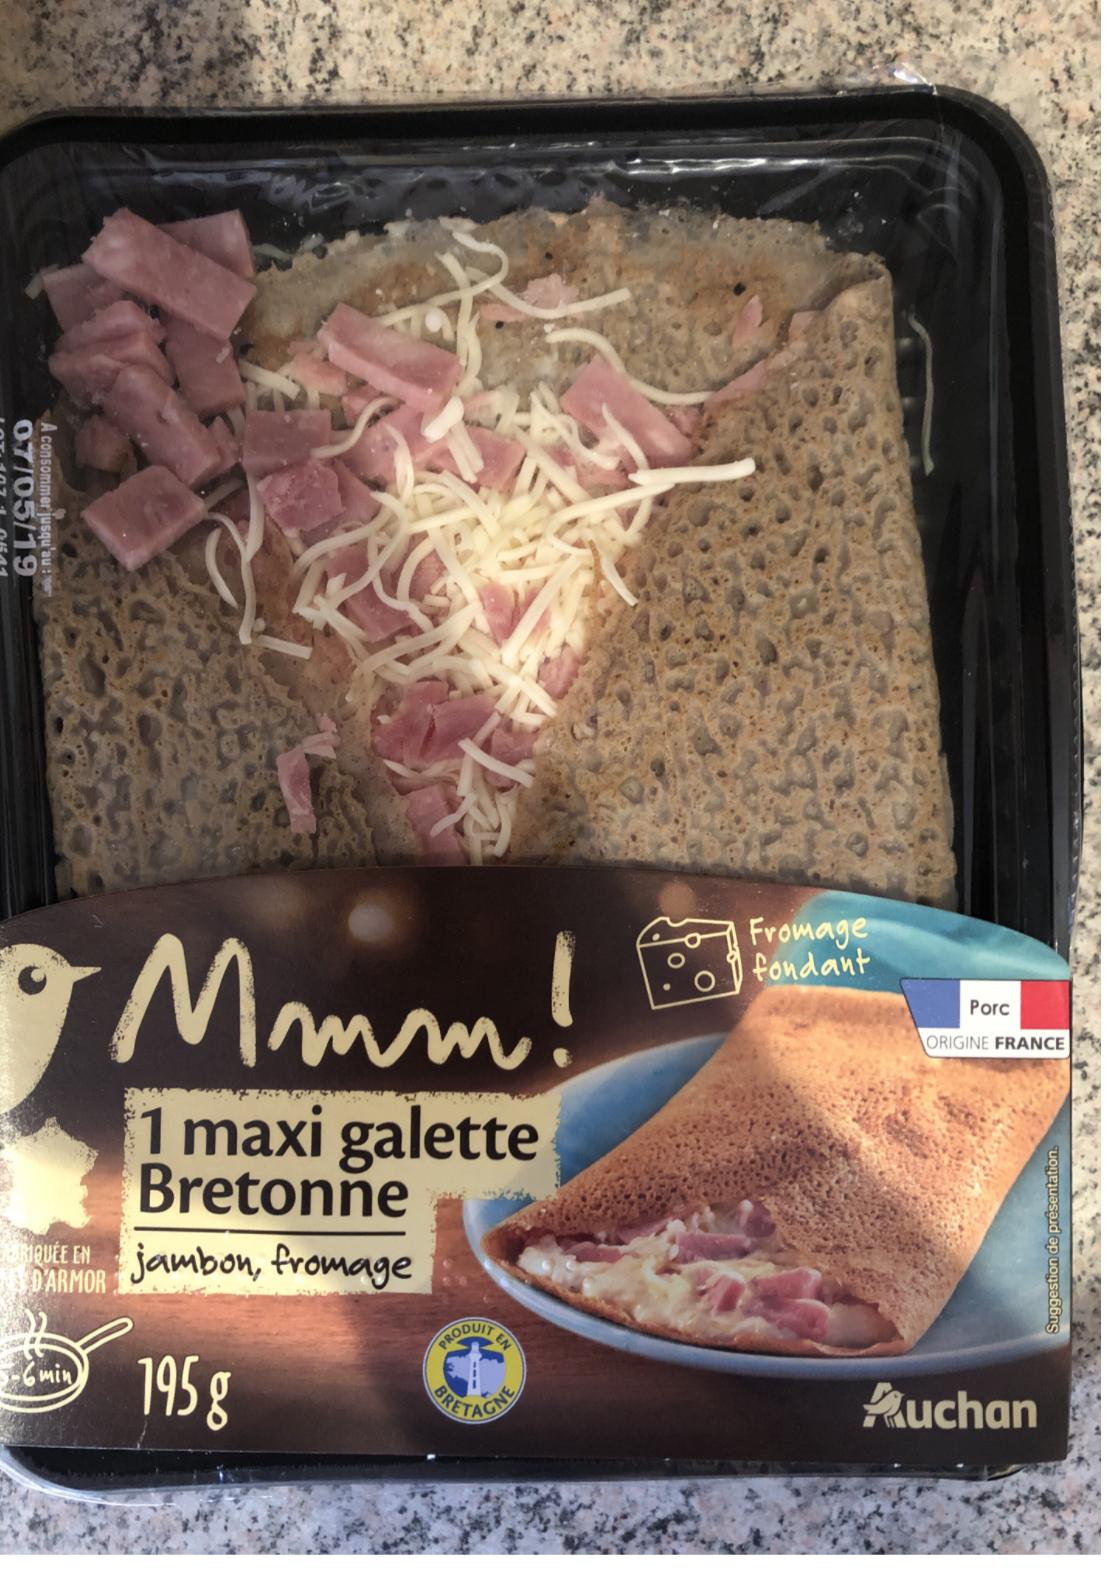 galettes bretonnes auchan